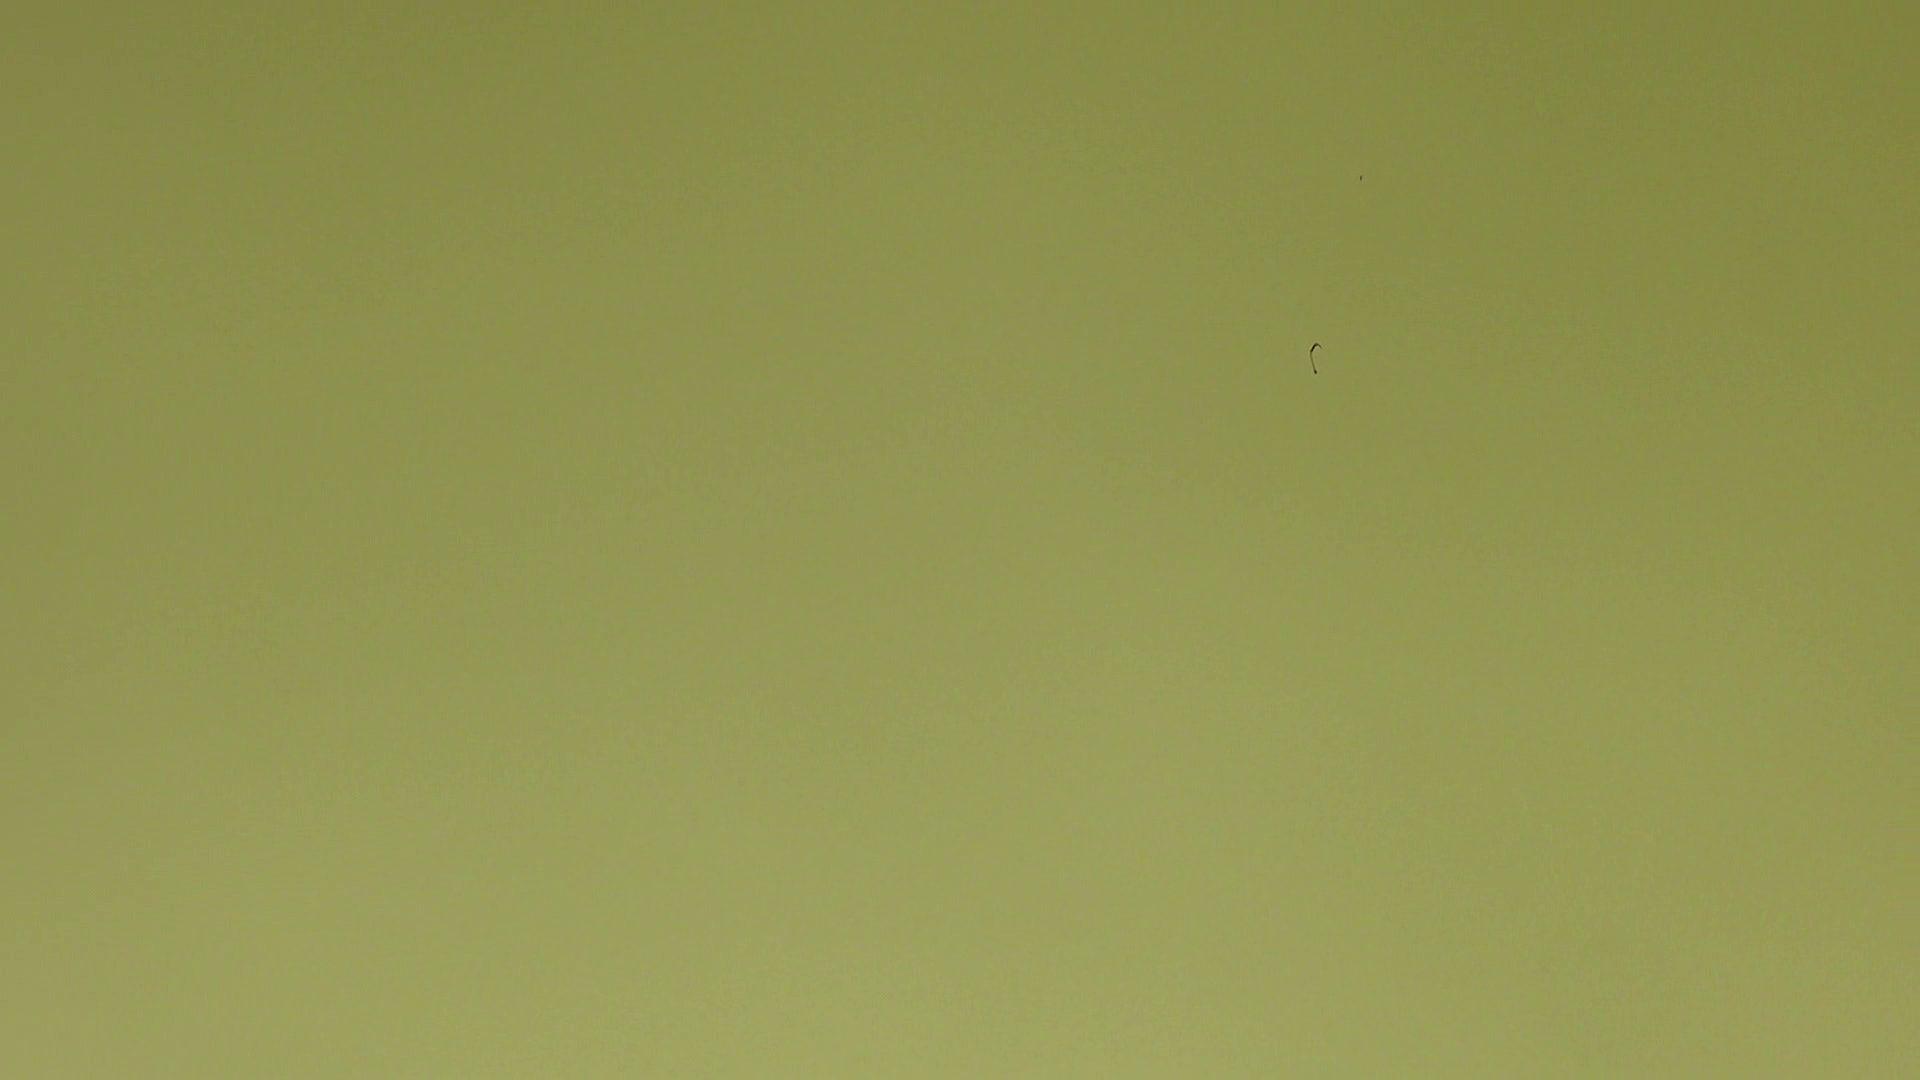 上級者の方専用 vol.03 OLのエロ生活  68連発 16